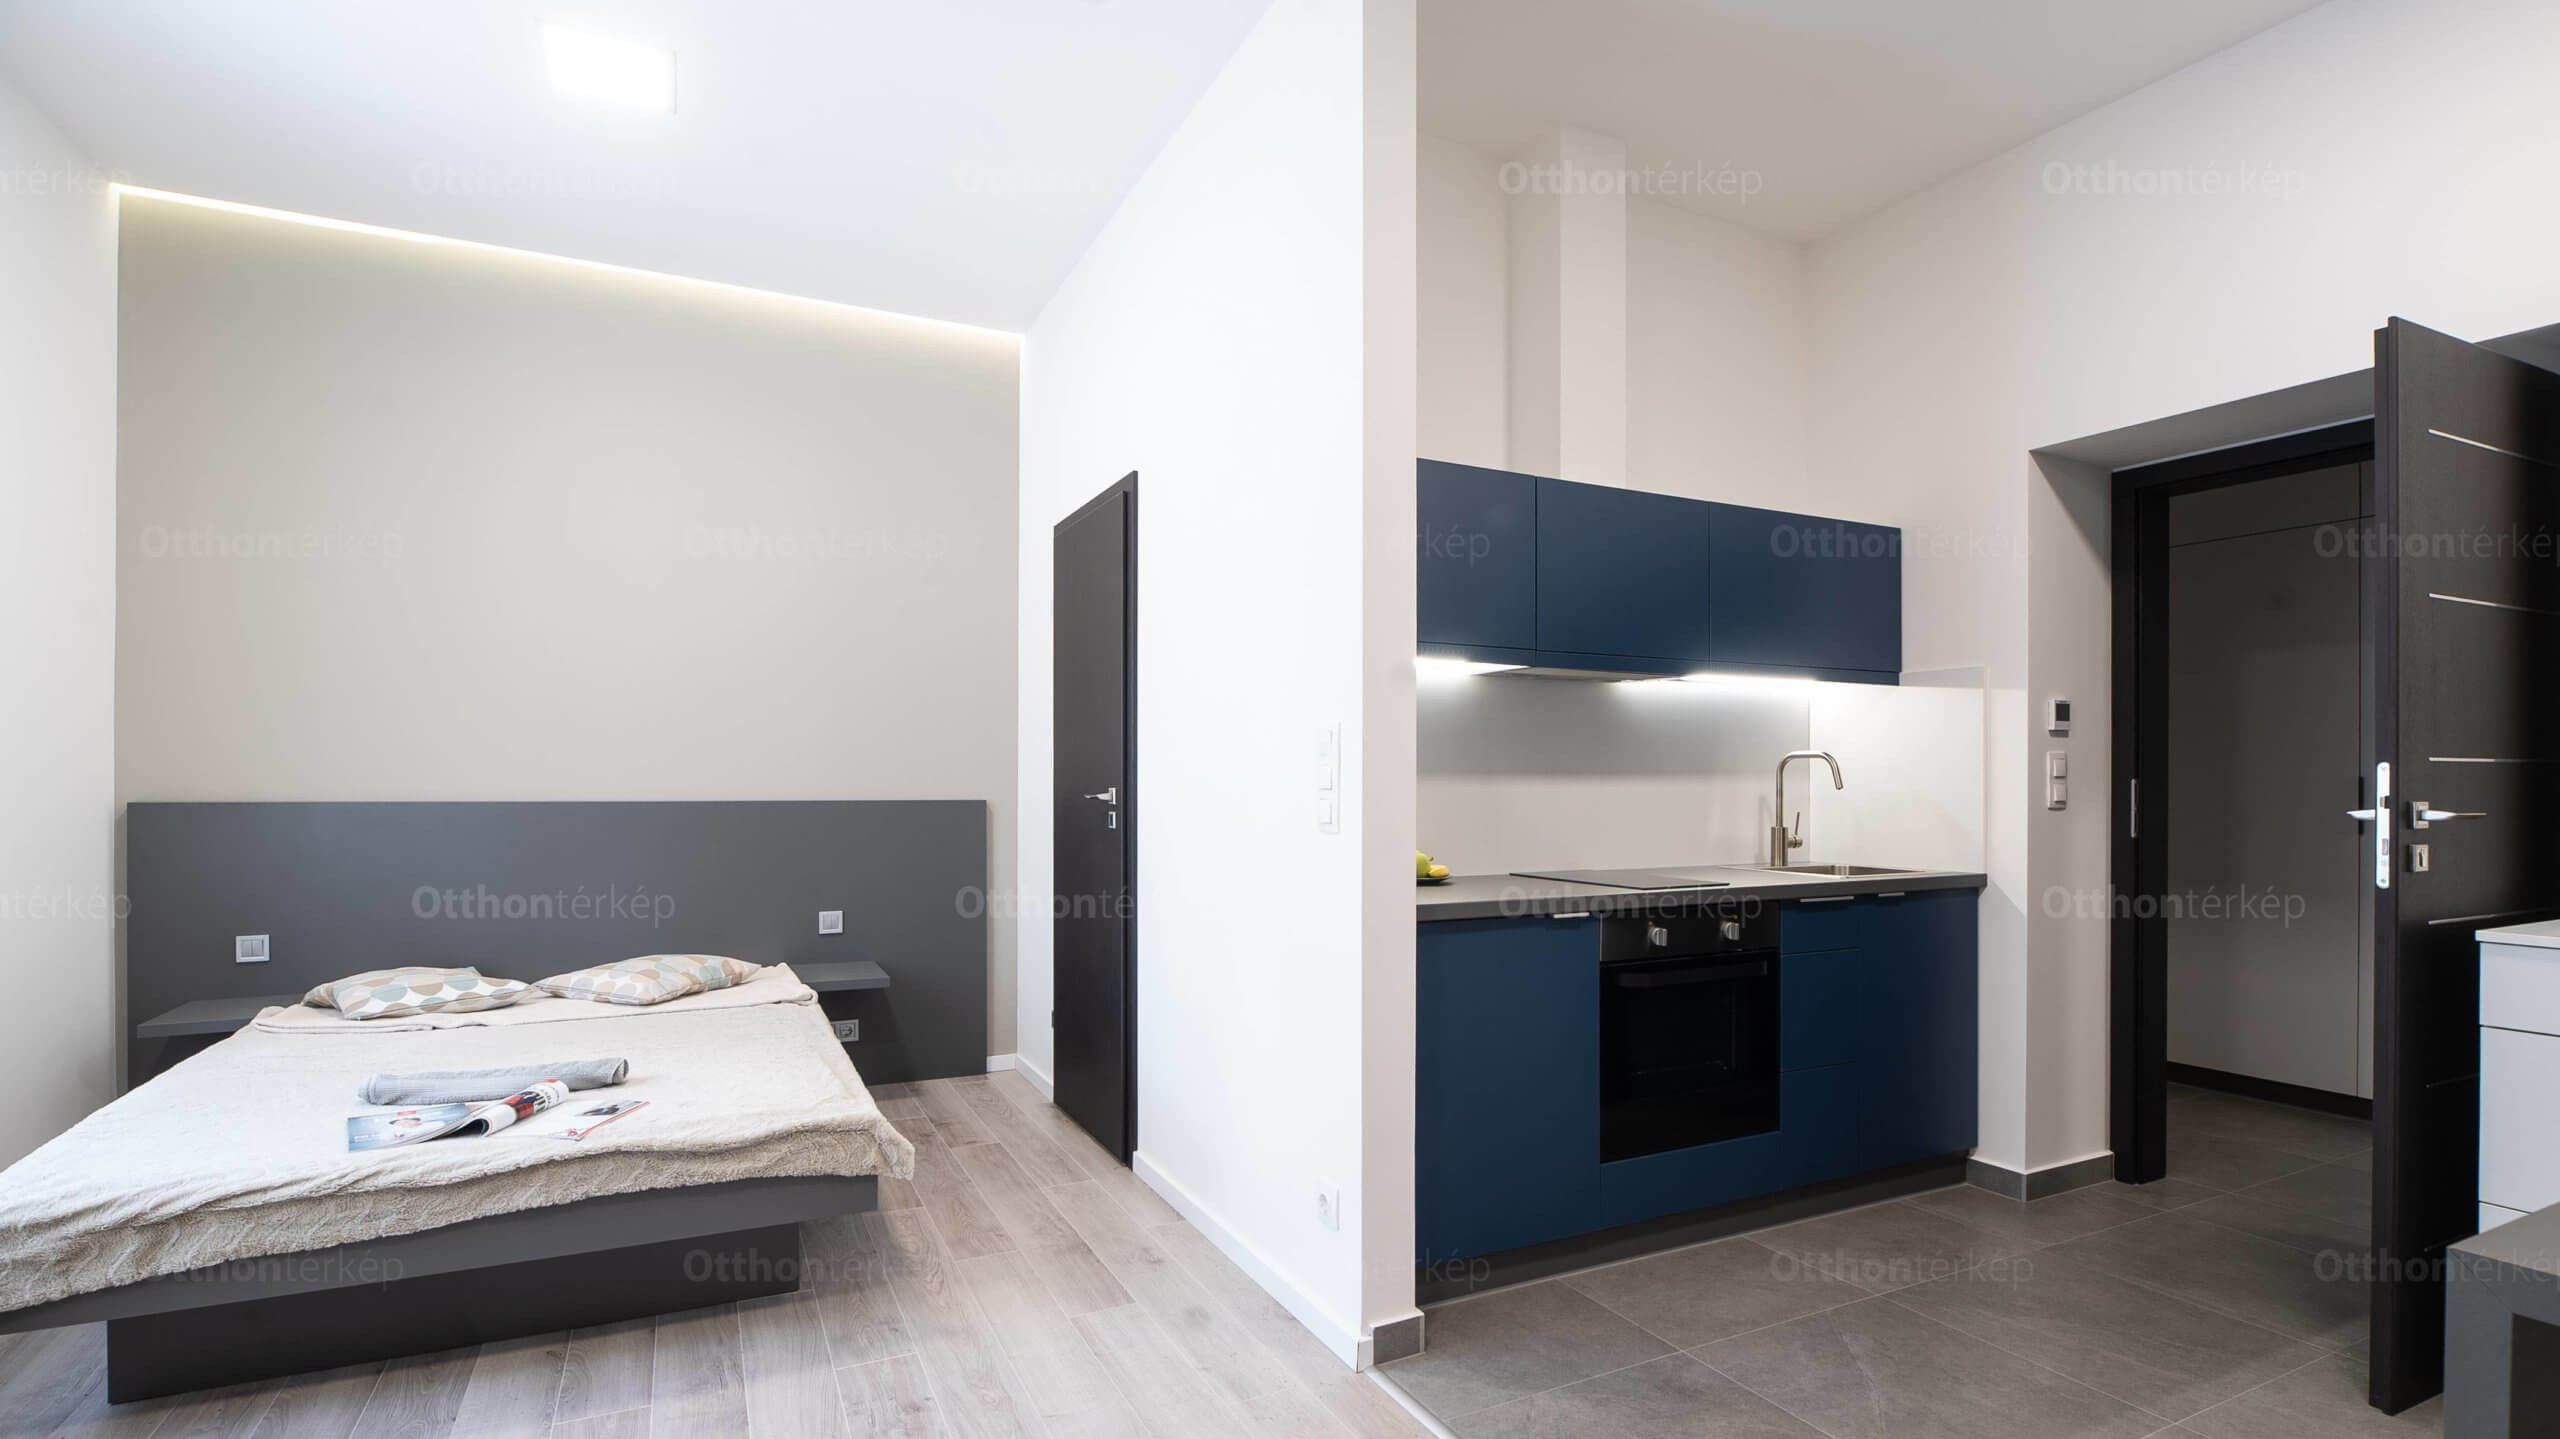 Befektetőknek: 3 prémium apartman Pécsett – 1 pesti lakás árából!